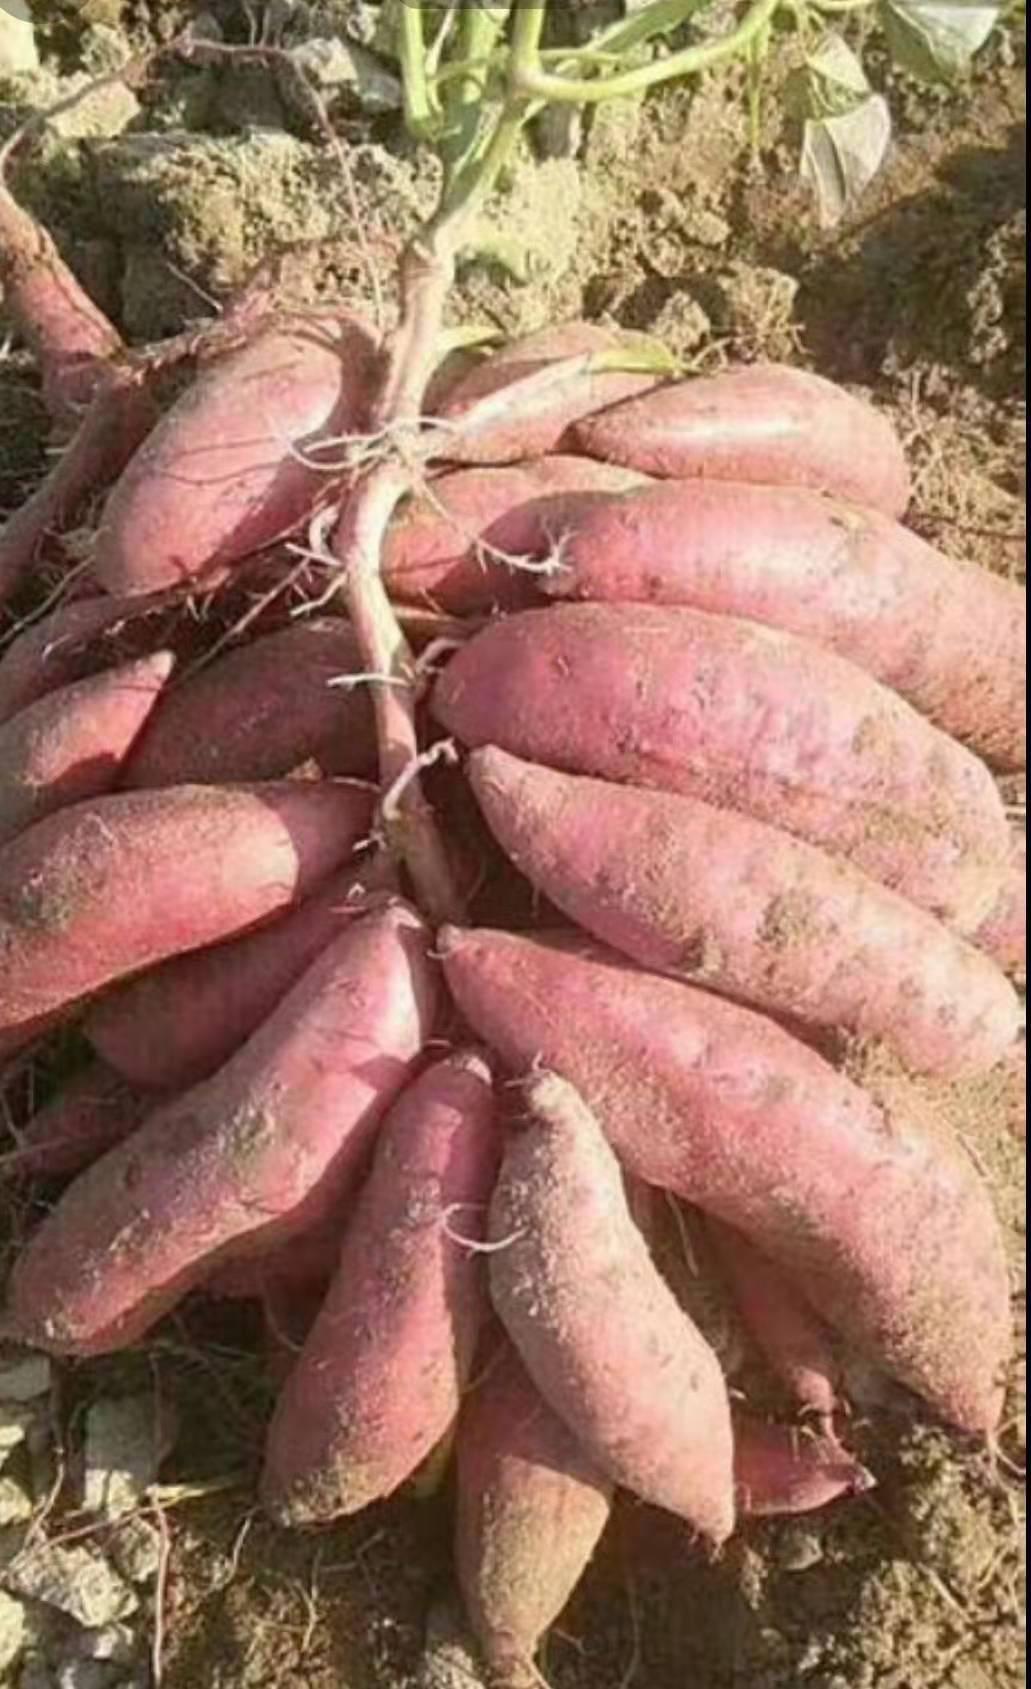 龍薯九號 長期出售各種地瓜,價格合理,品質優良,歡迎新老客戶前來訂購